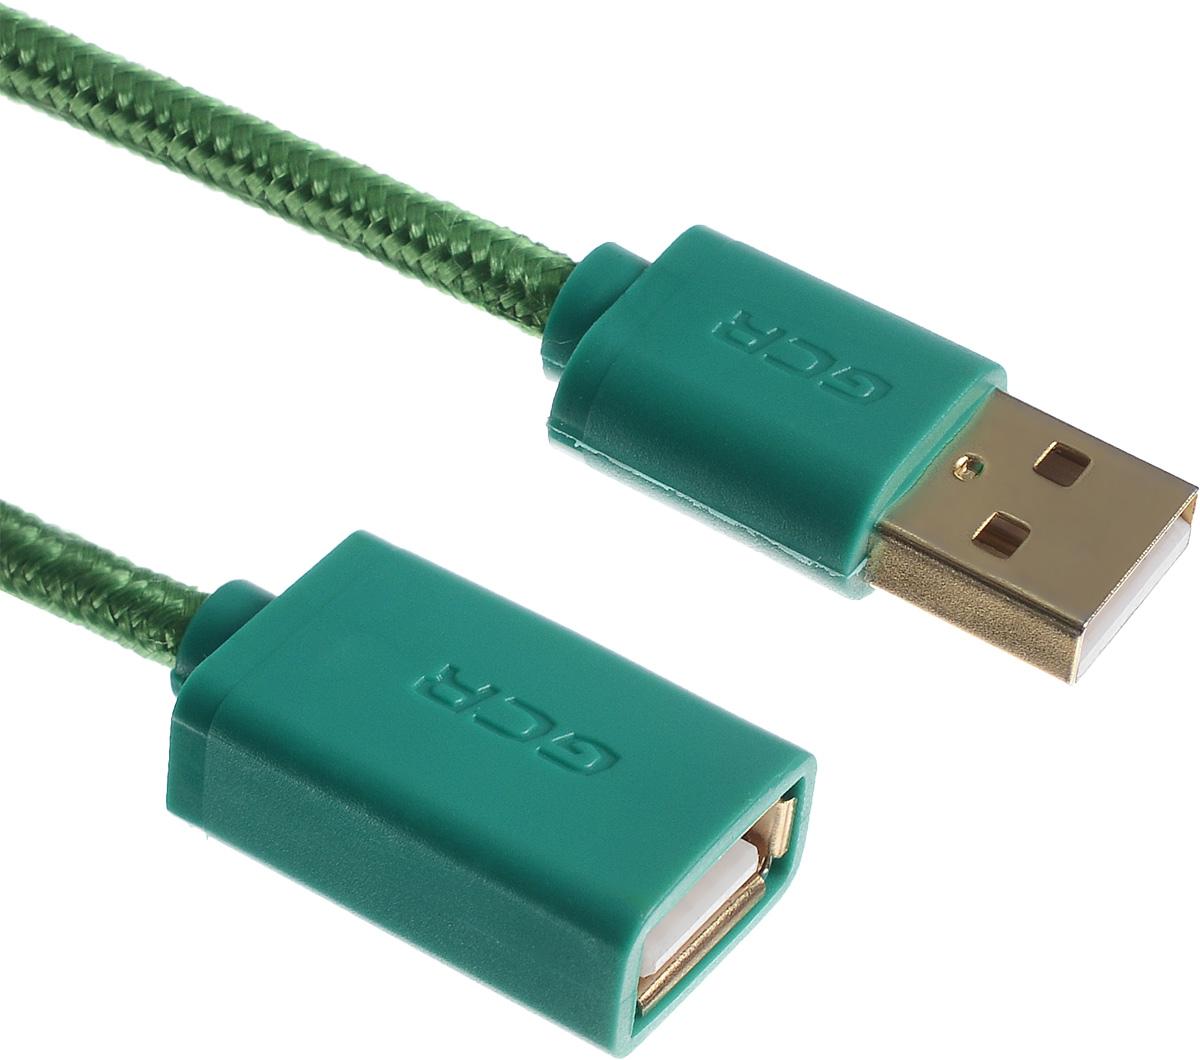 Greenconnect Russia GCR-UEC8M5-BB2SG, Green удлинитель USB 2.0 (1,8 м)GCR-UEC8M5-BB2SG-1.8mКабель-удлинитель USB 2.0 Greenconnect Russia GCR-UEC8M5-BB2SG позволит увеличить расстояние до подключаемого устройства. Может быть использован с различными USB девайсами. Экранирование кабеля защищает сигнал при передаче от влияния внешних полей, способных создать помехи.